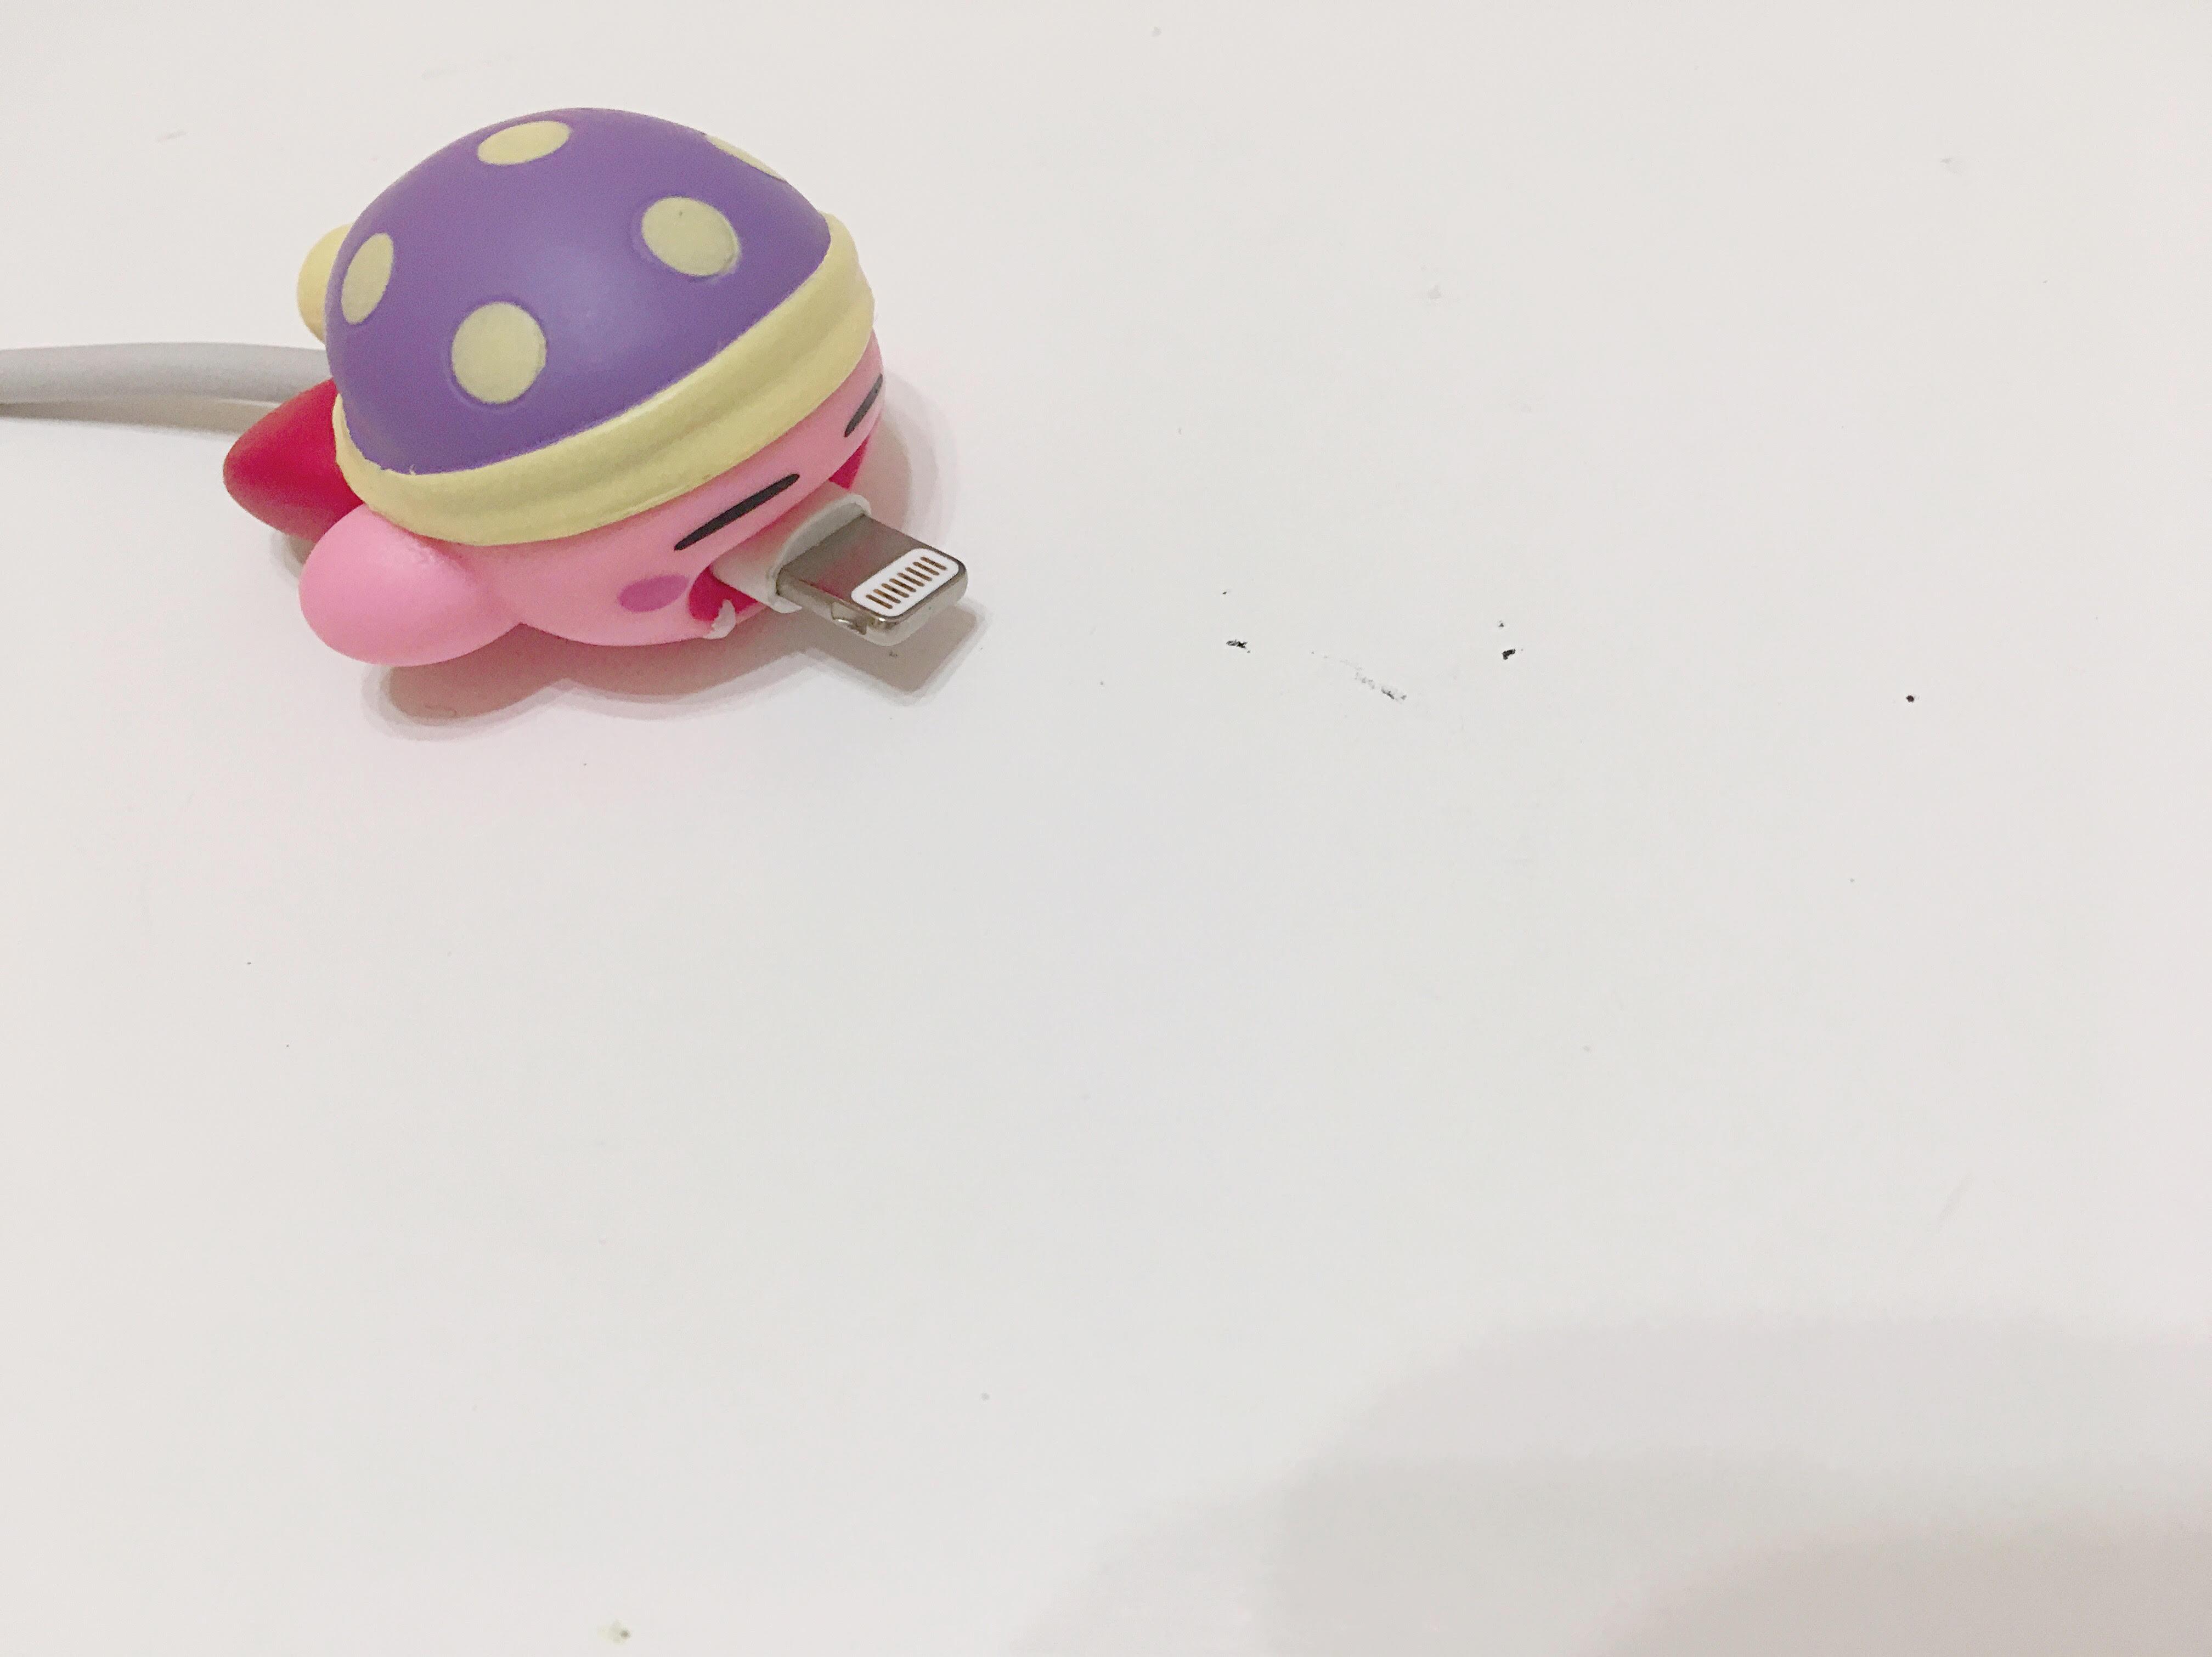 星のカービィ スリープカービィ のiPhoneケーブルバイトの画像